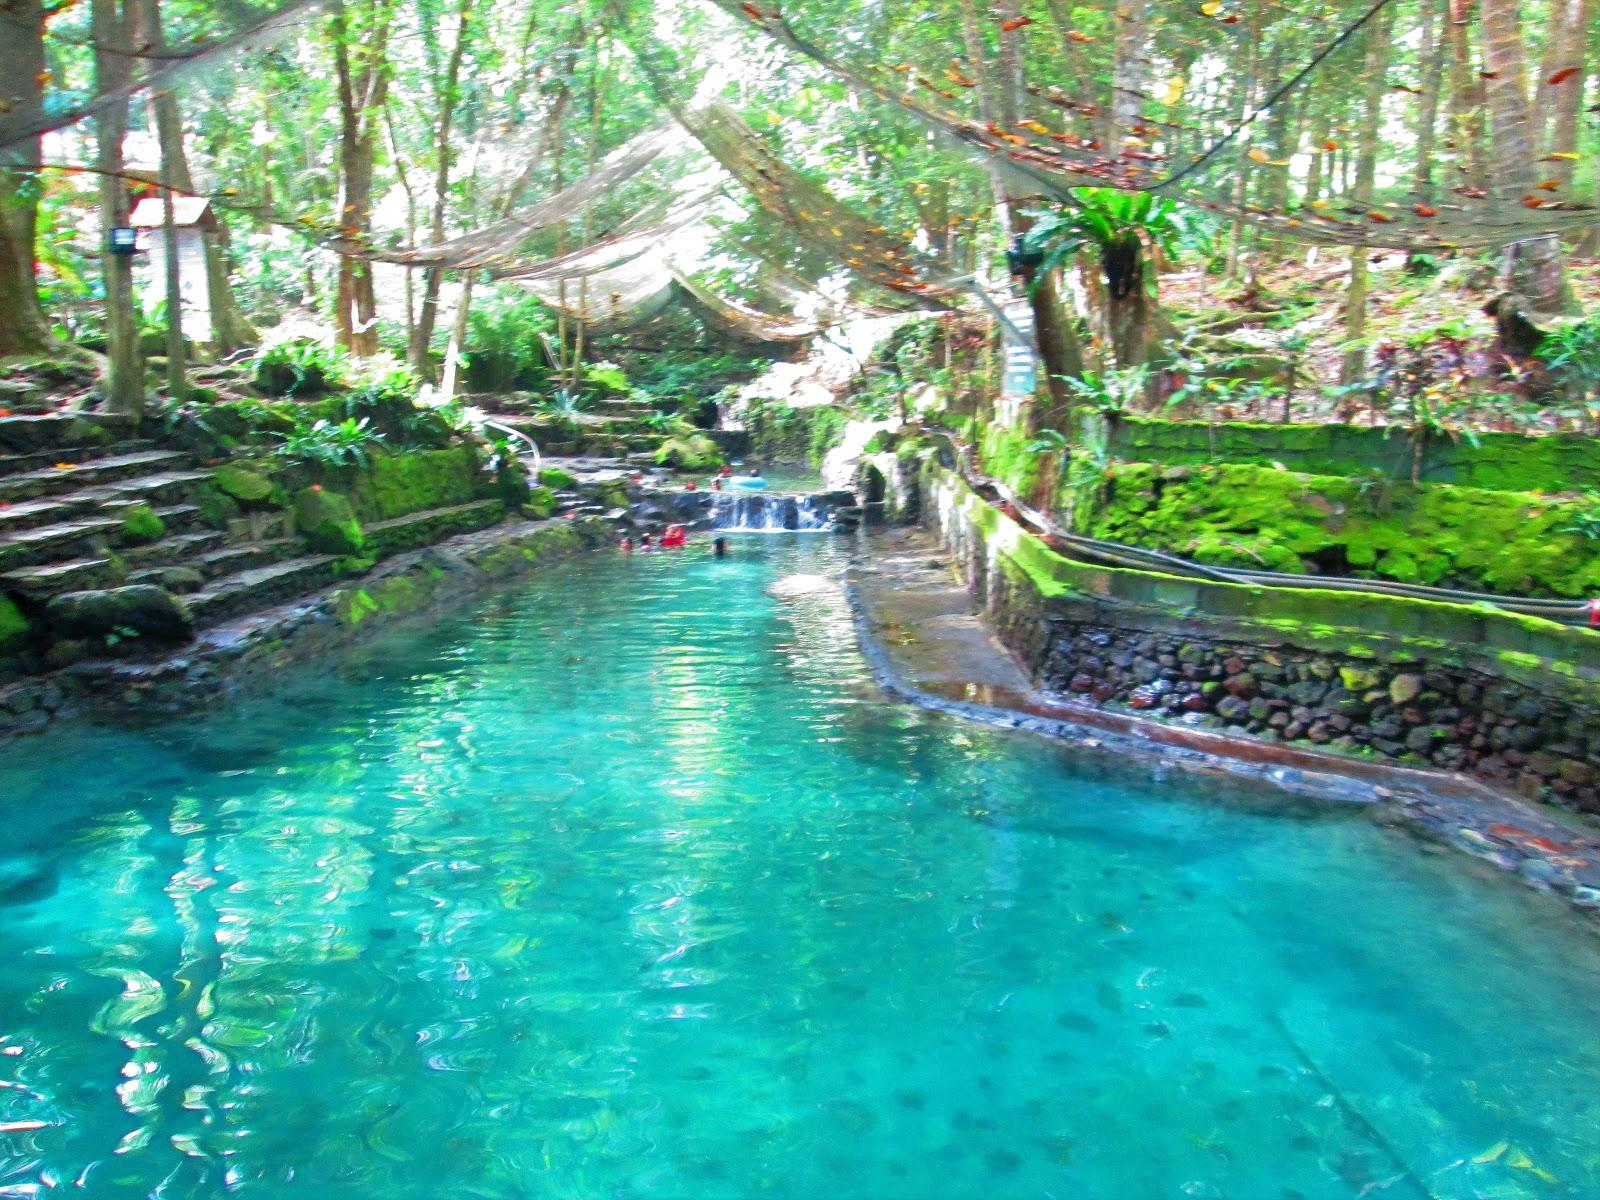 Camiguin Island Tourist Spots, Camiguin Island, Touris Spots in Camiguin